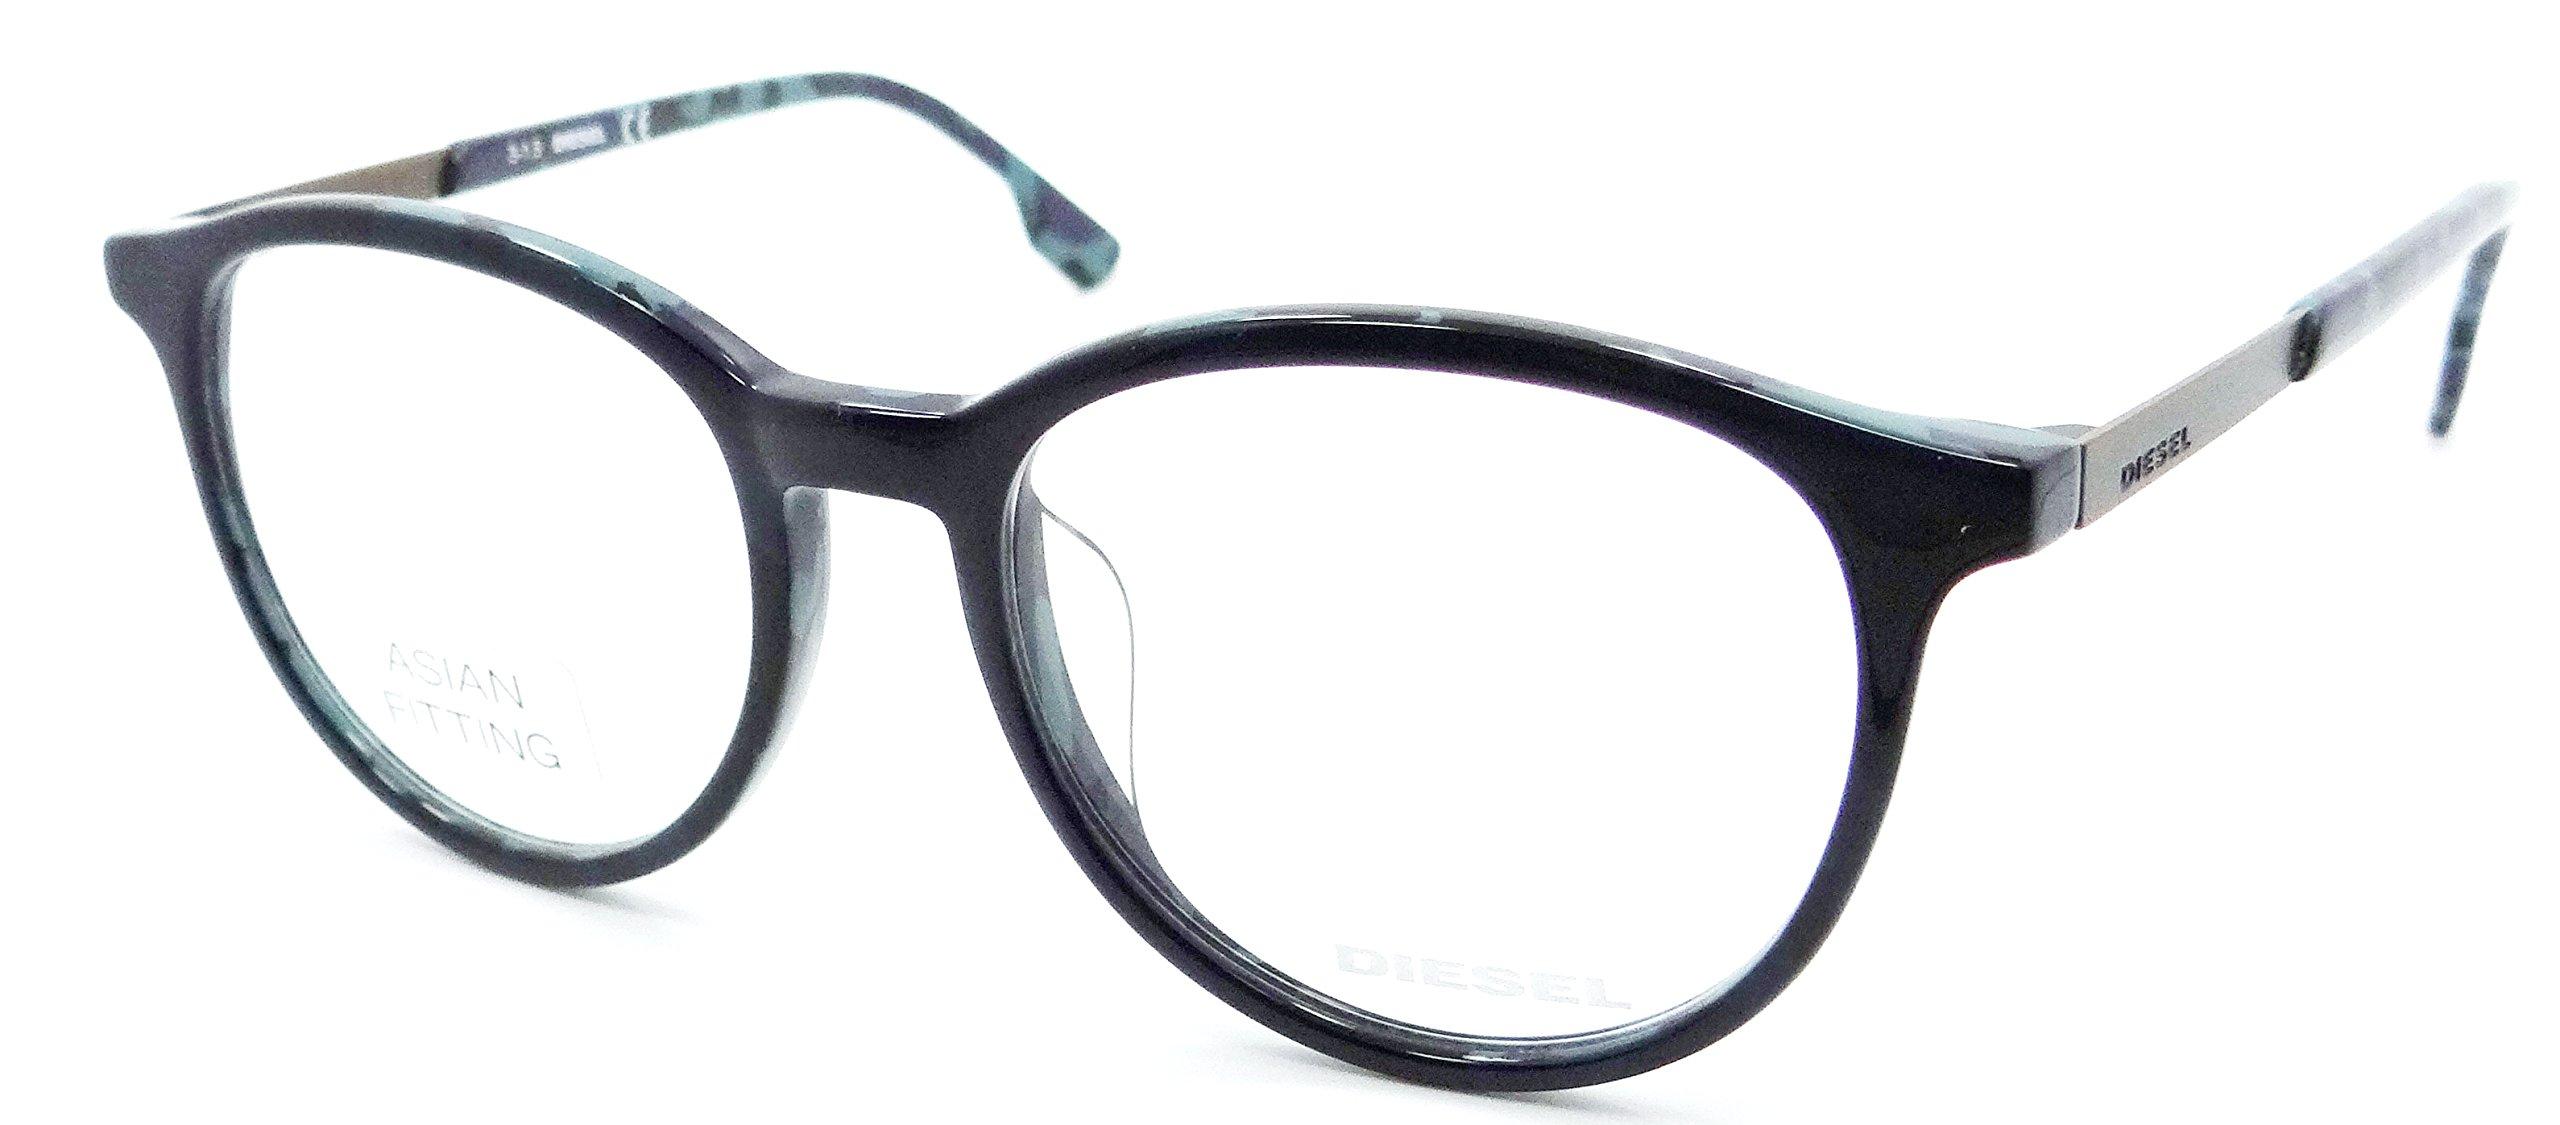 Diesel Rx Eyeglasses Frames DL5117-F 092 52-17-150 Blue Spotted Blue Asian Fit